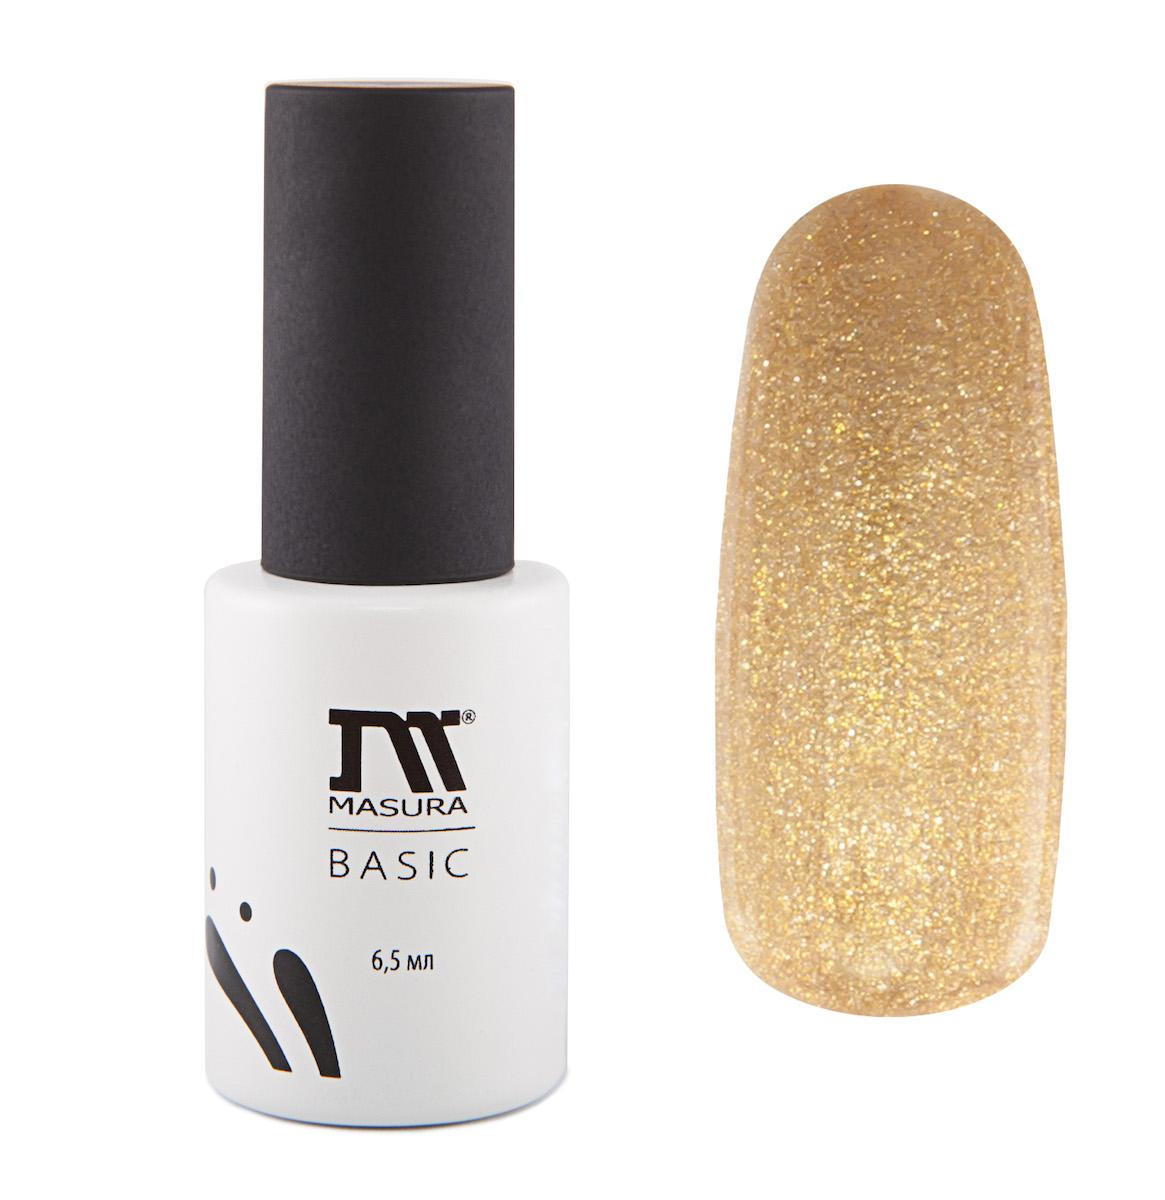 Masura Гель-лаки BASIC Загадка Востока, 6,5 мл5010777139655Насыщенный золотой, все теплые оттенки золота, плотный